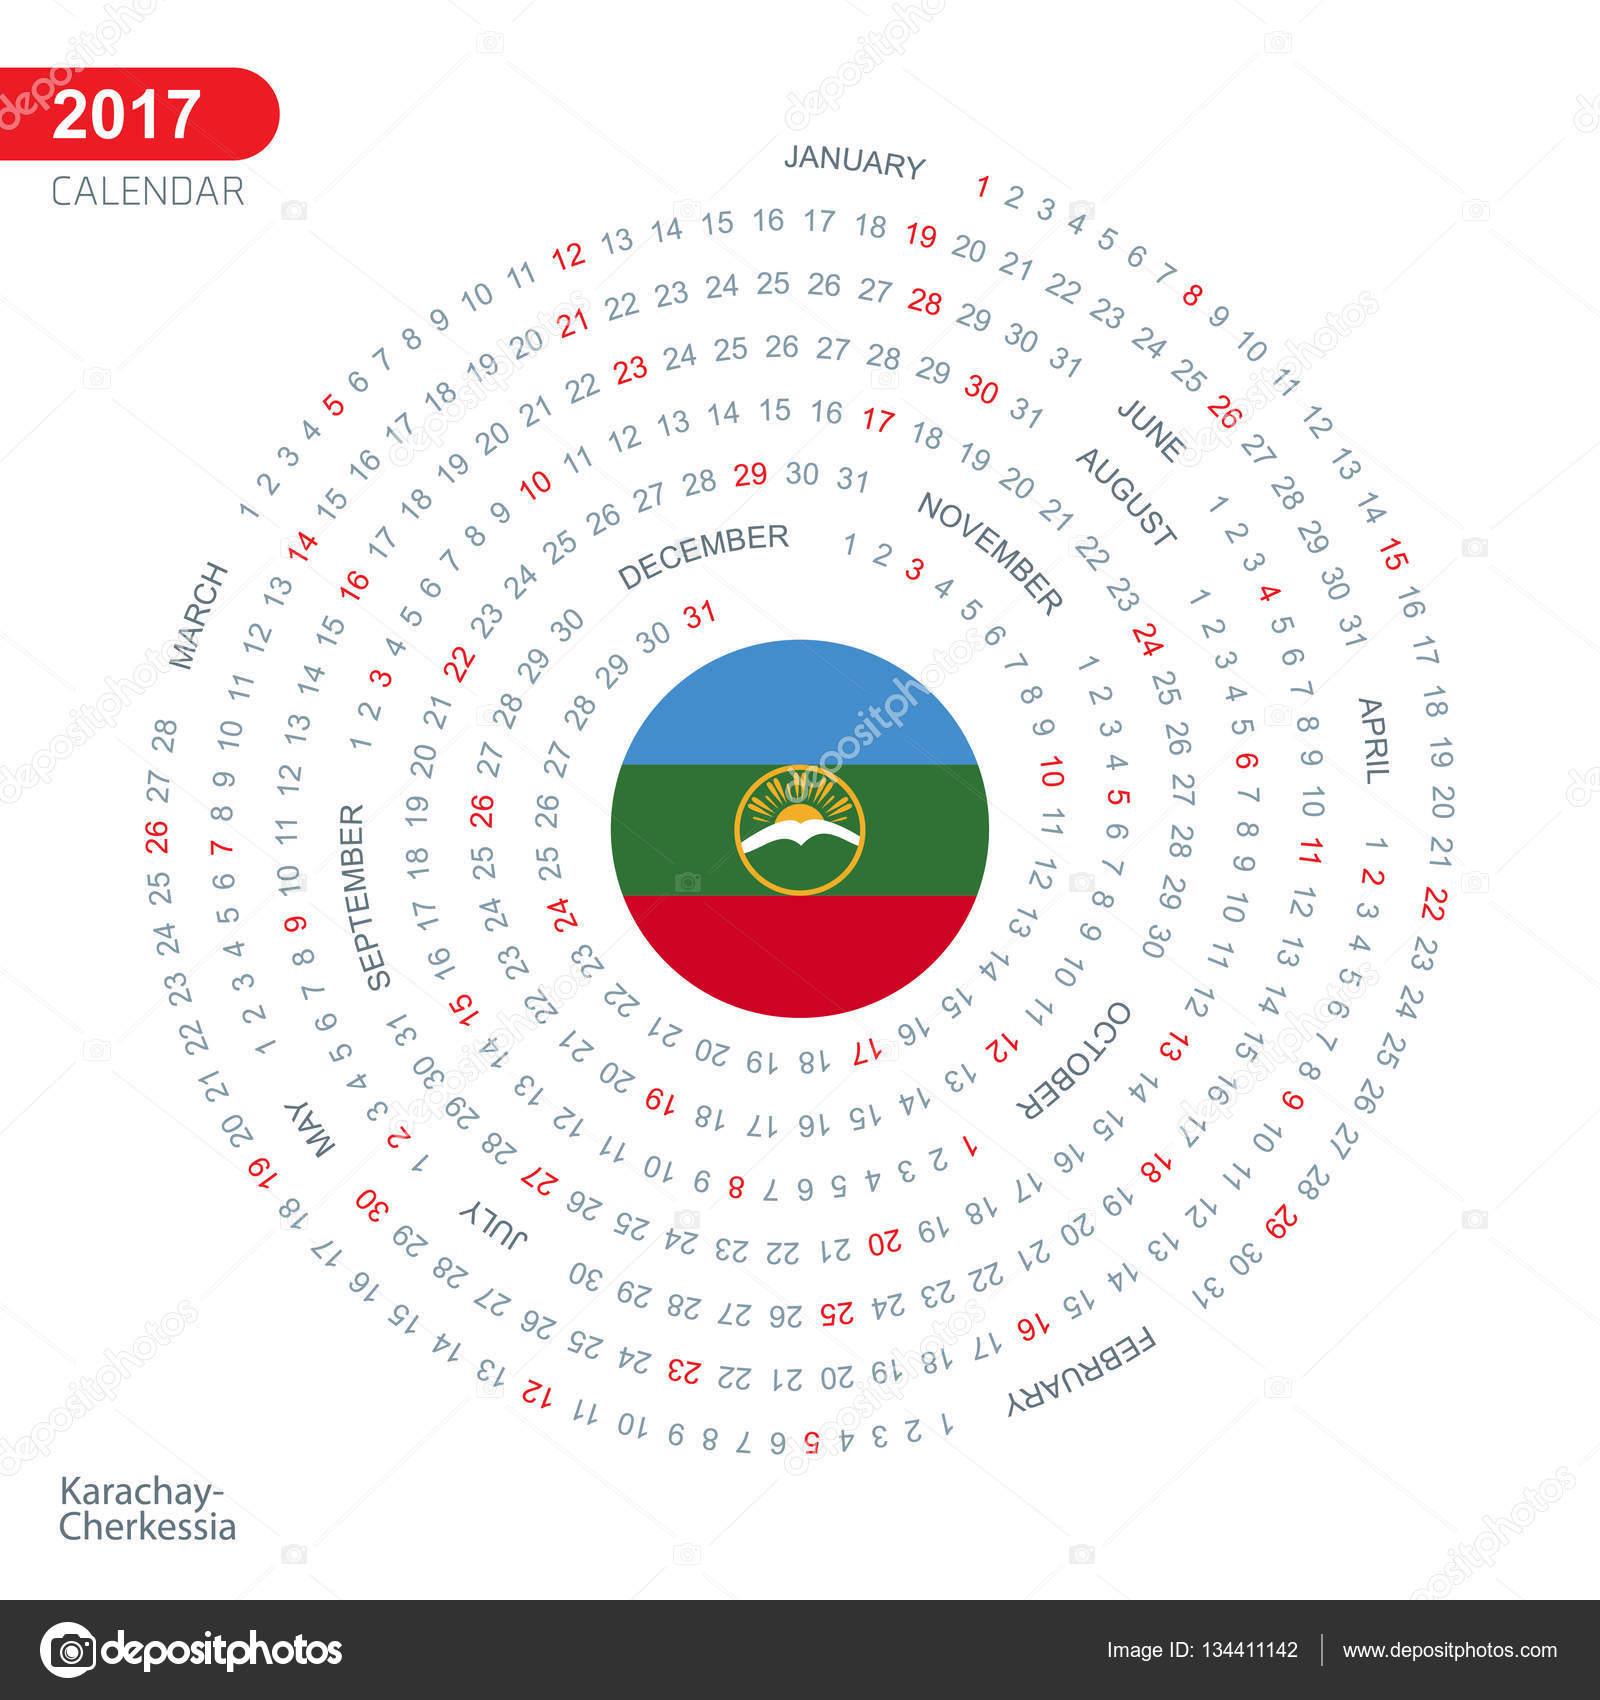 カラチャイ ・ チェルケス共和国...